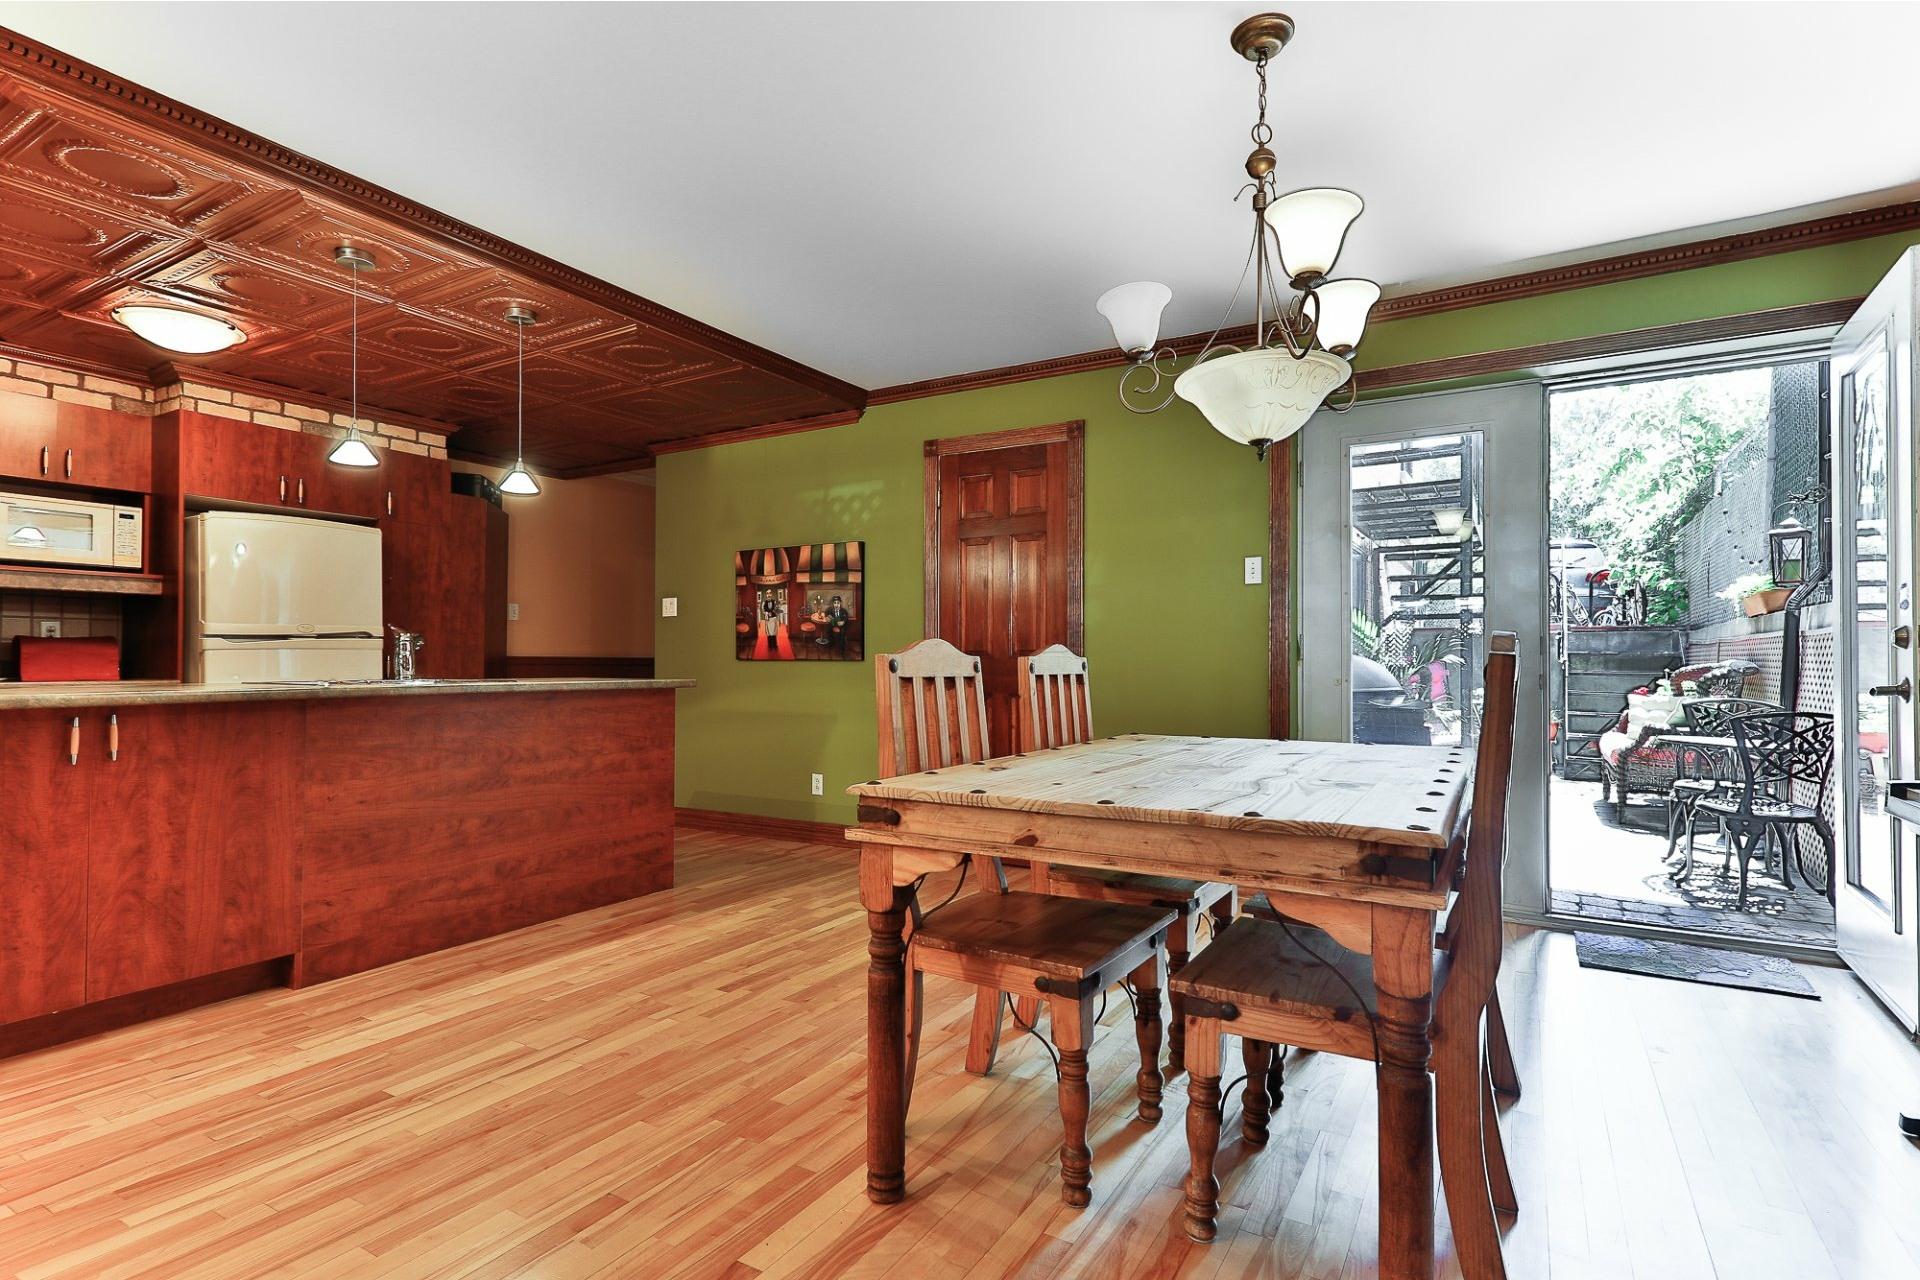 image 5 - Apartment For sale Villeray/Saint-Michel/Parc-Extension Montréal  - 6 rooms